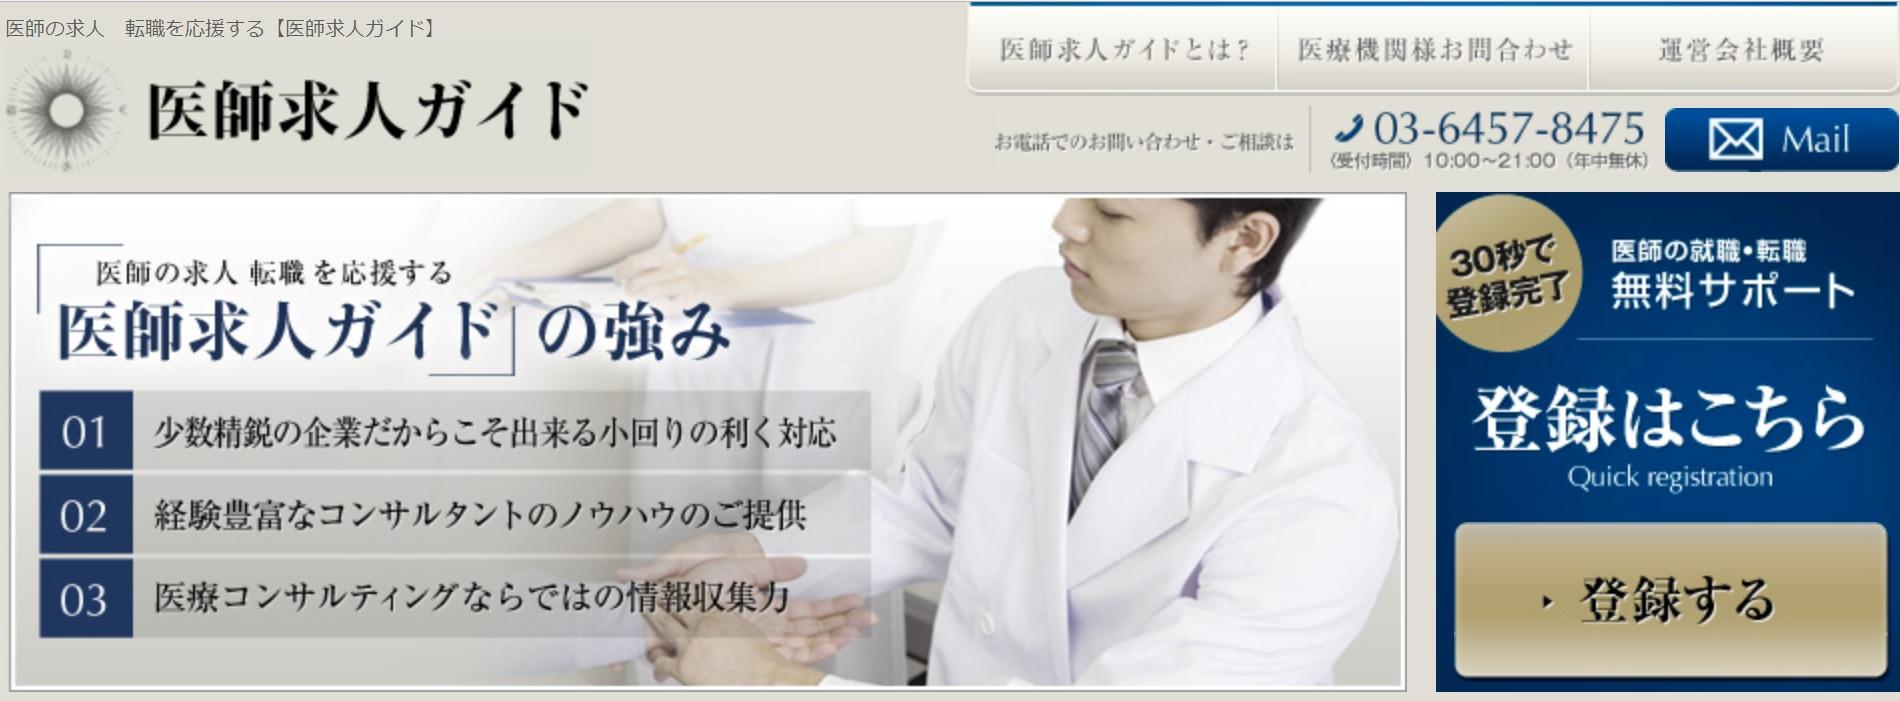 医師求人ガイドの転職サイト